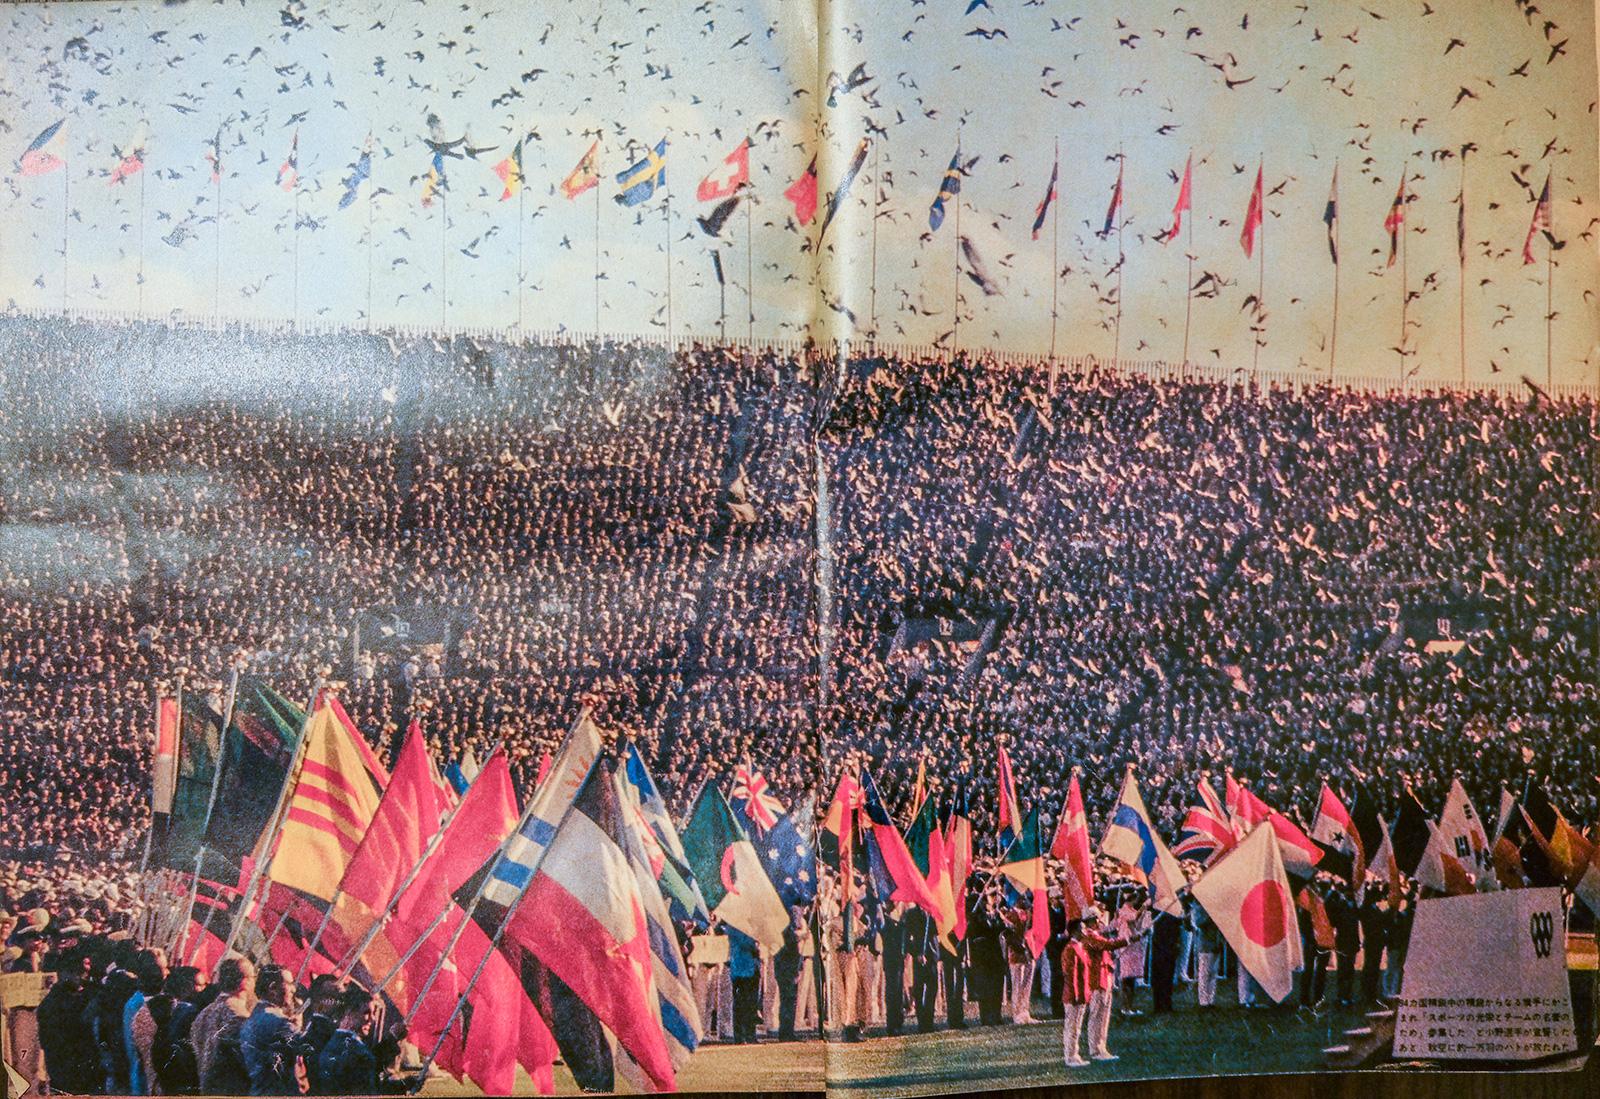 −東京オリンピック1000日前企画− 1964年大会を当時の写真集で振り返る